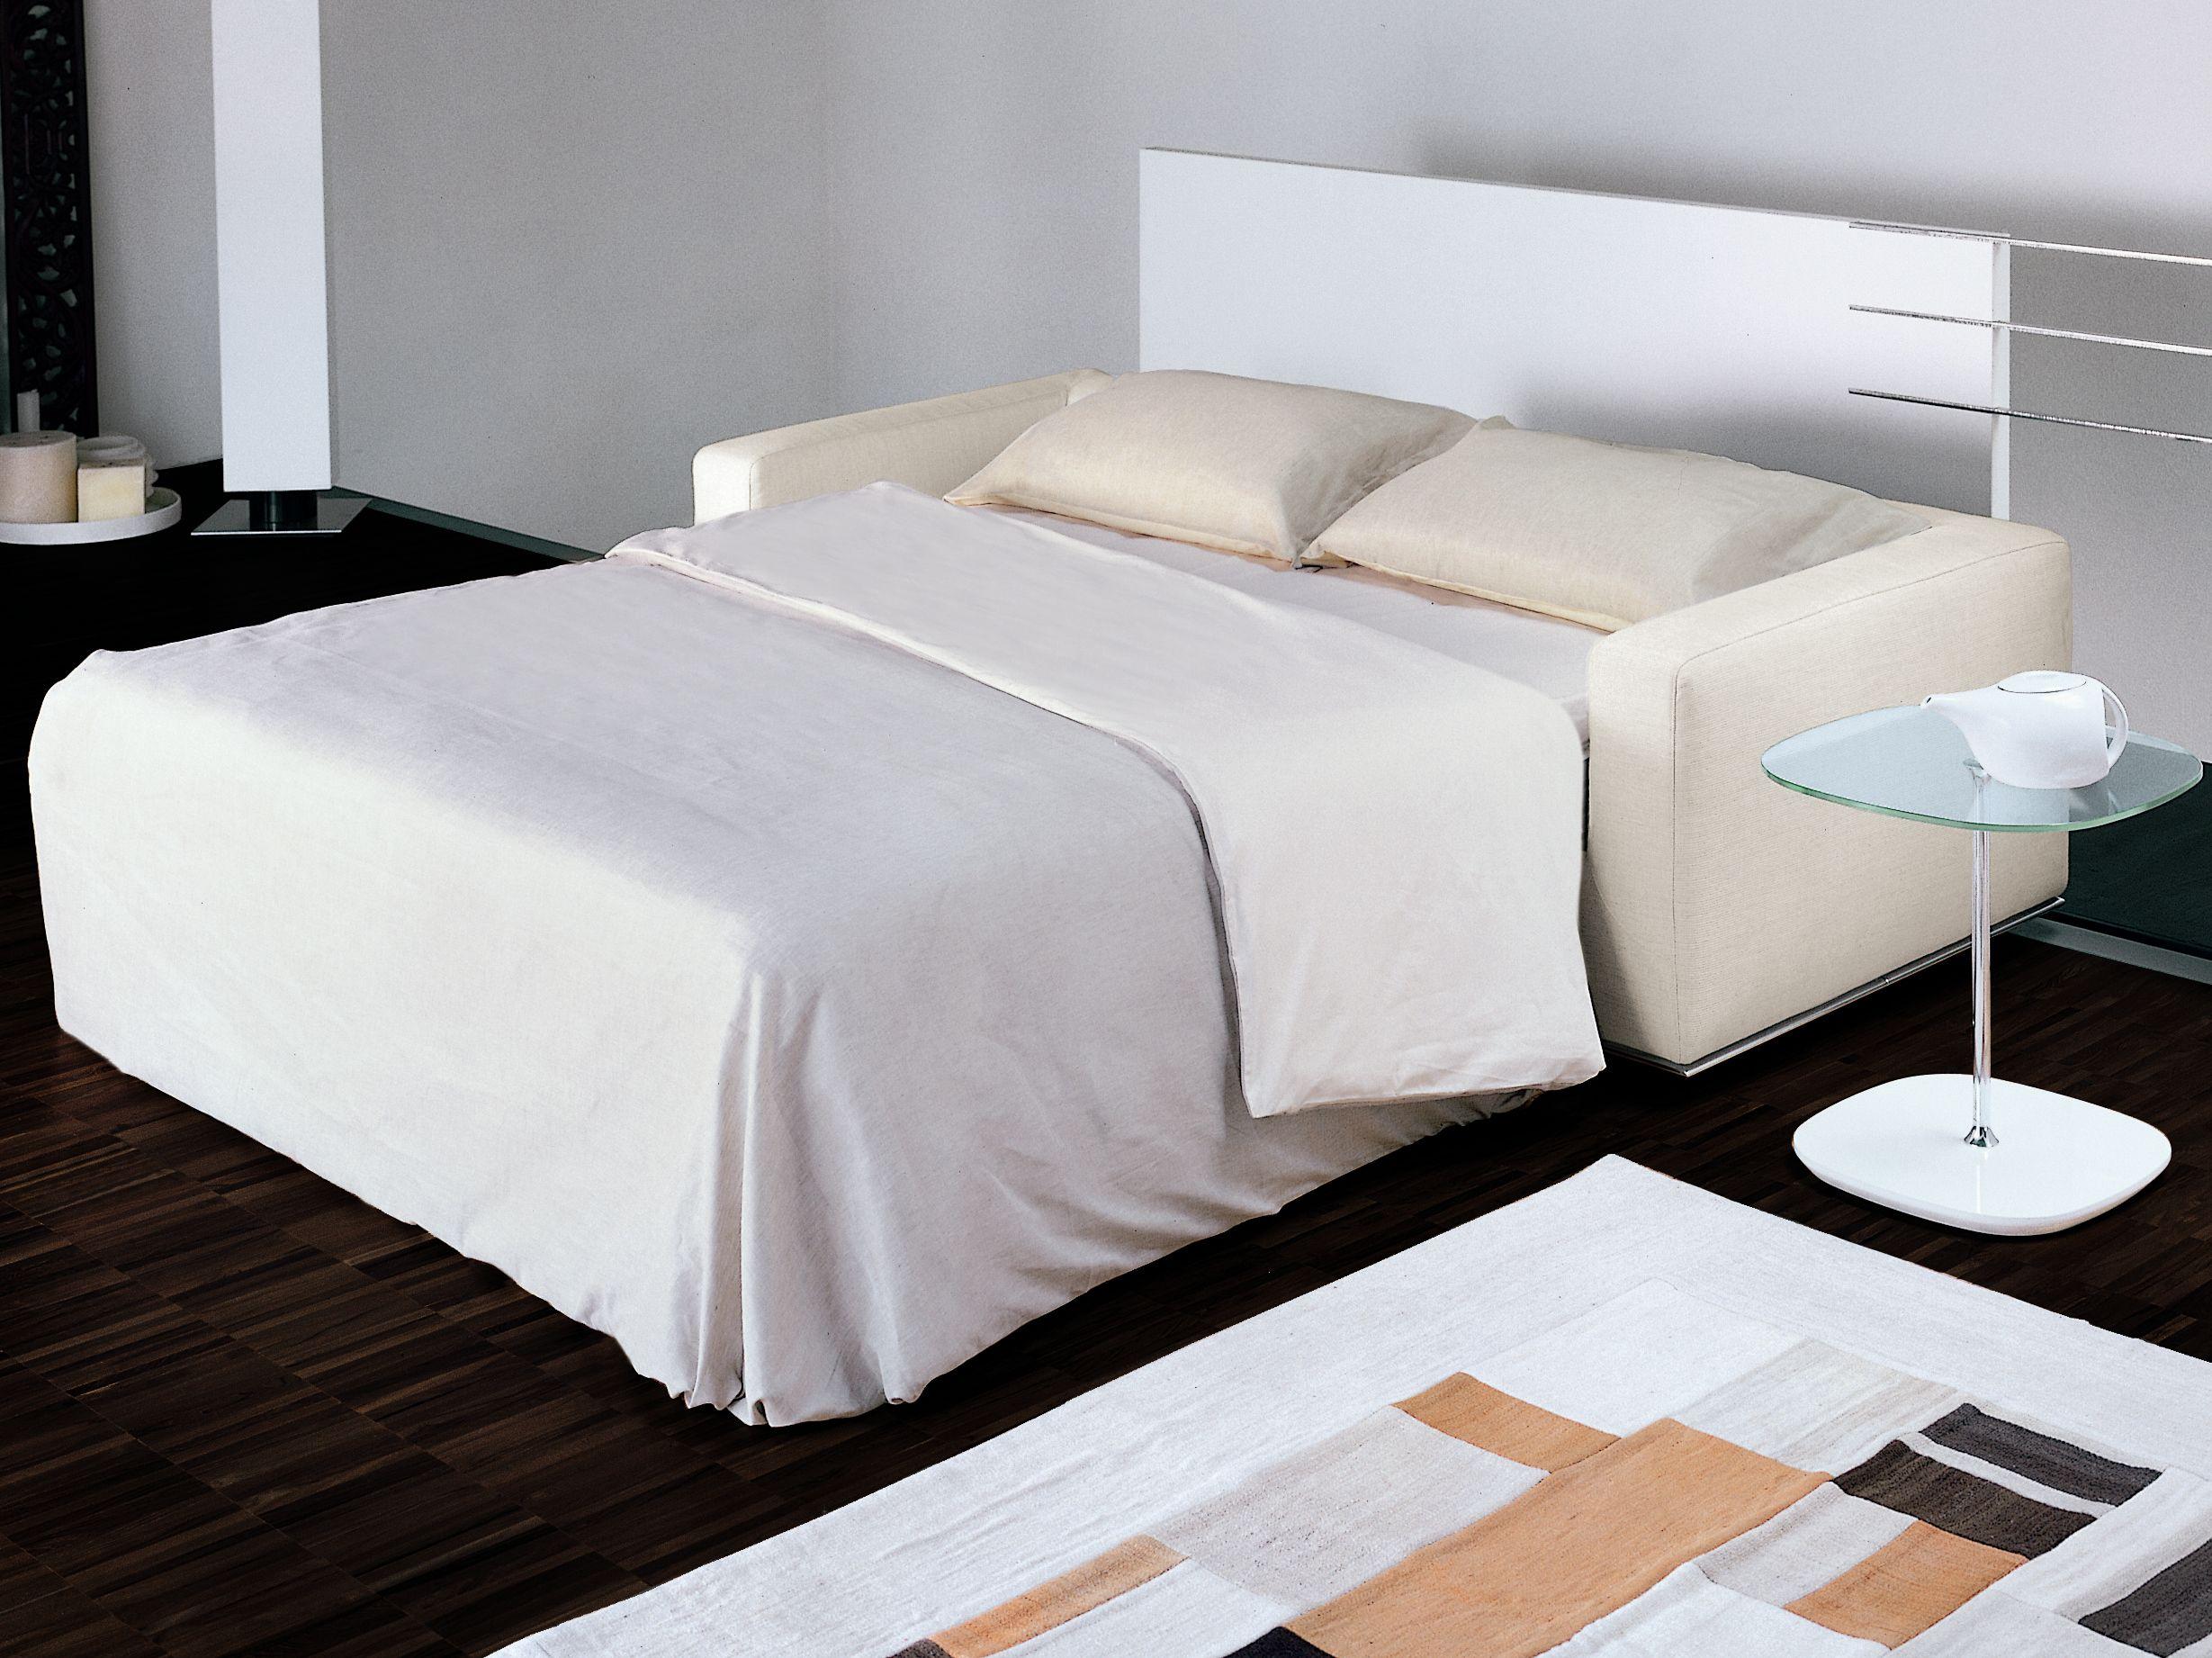 Upholstered sofa bed boston by bonaldo design pier for Upholstered divan bed